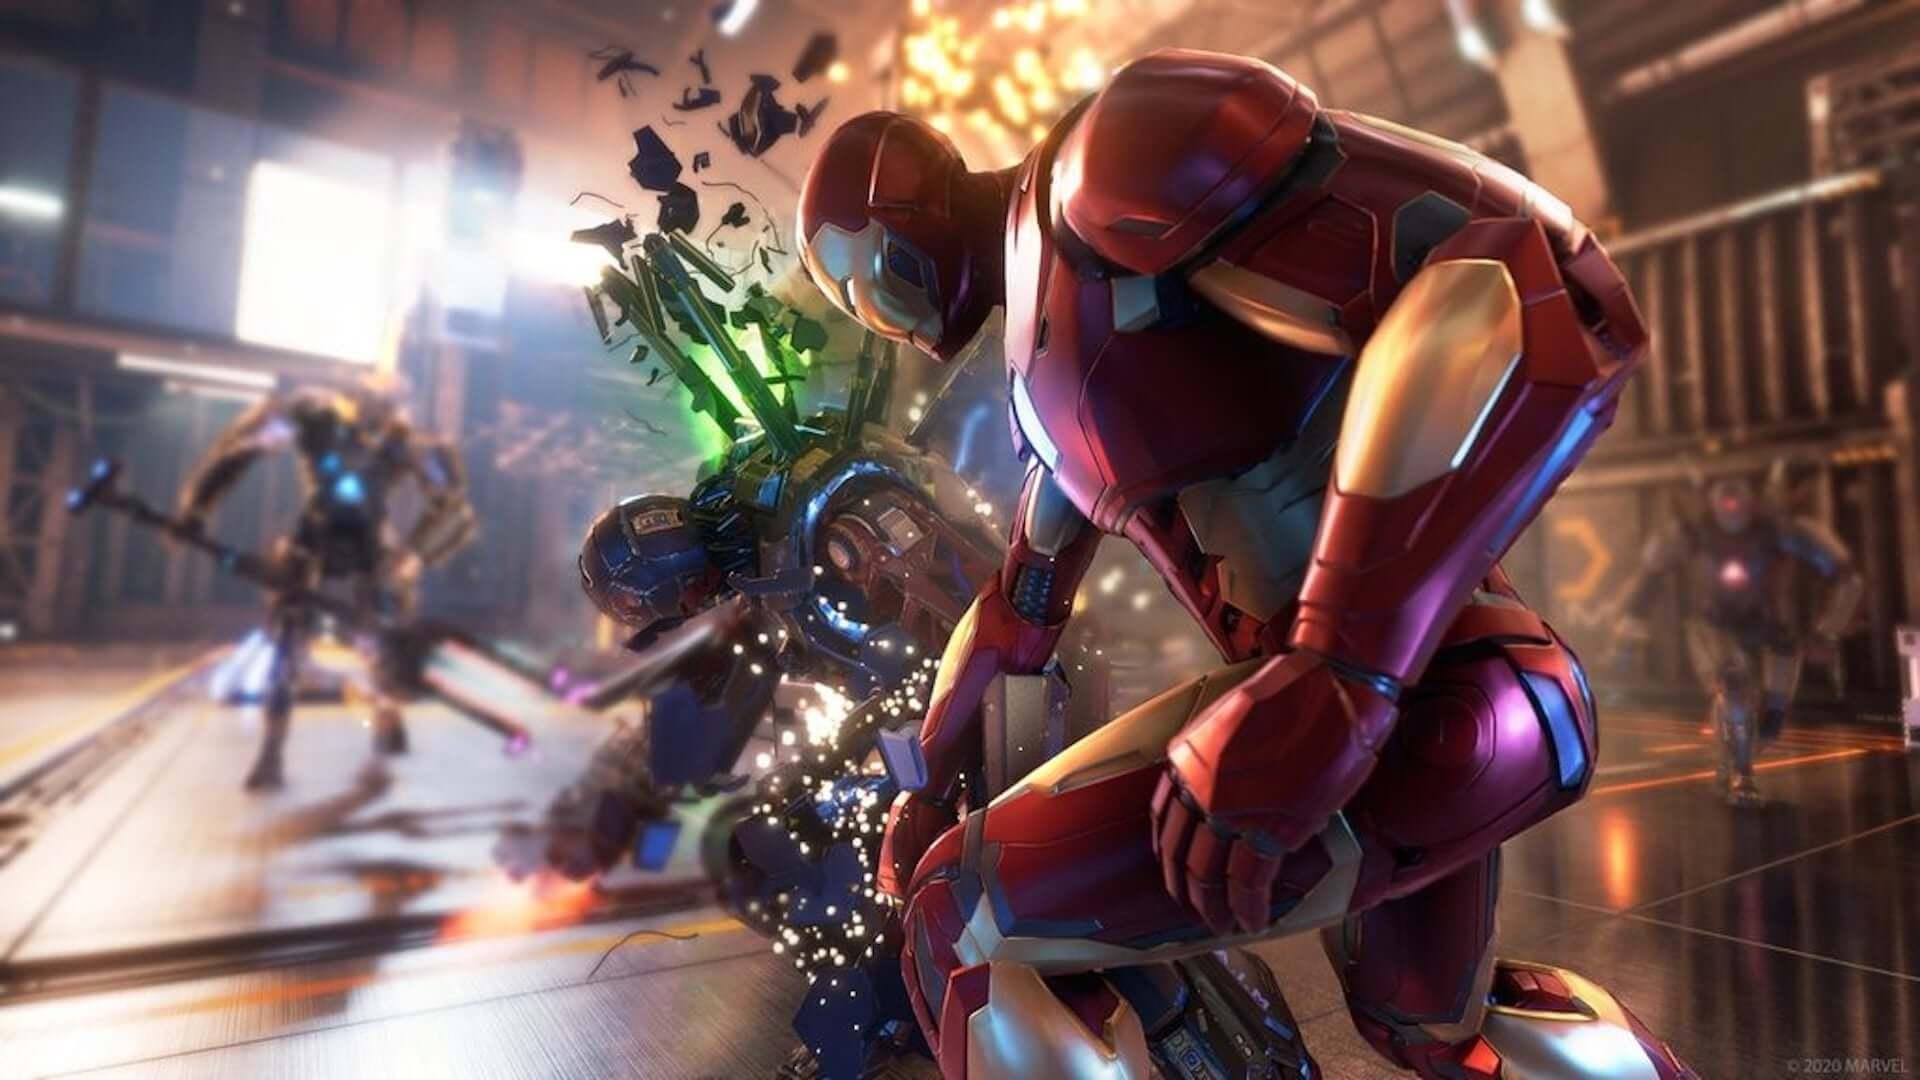 スクウェア・エニックス『Marvel's Avengers』のPlayStation 5/Xbox Series X版が発売決定!PS4/Xbox One版からの無料アップグレードも art200702_avengers_4-1920x1080